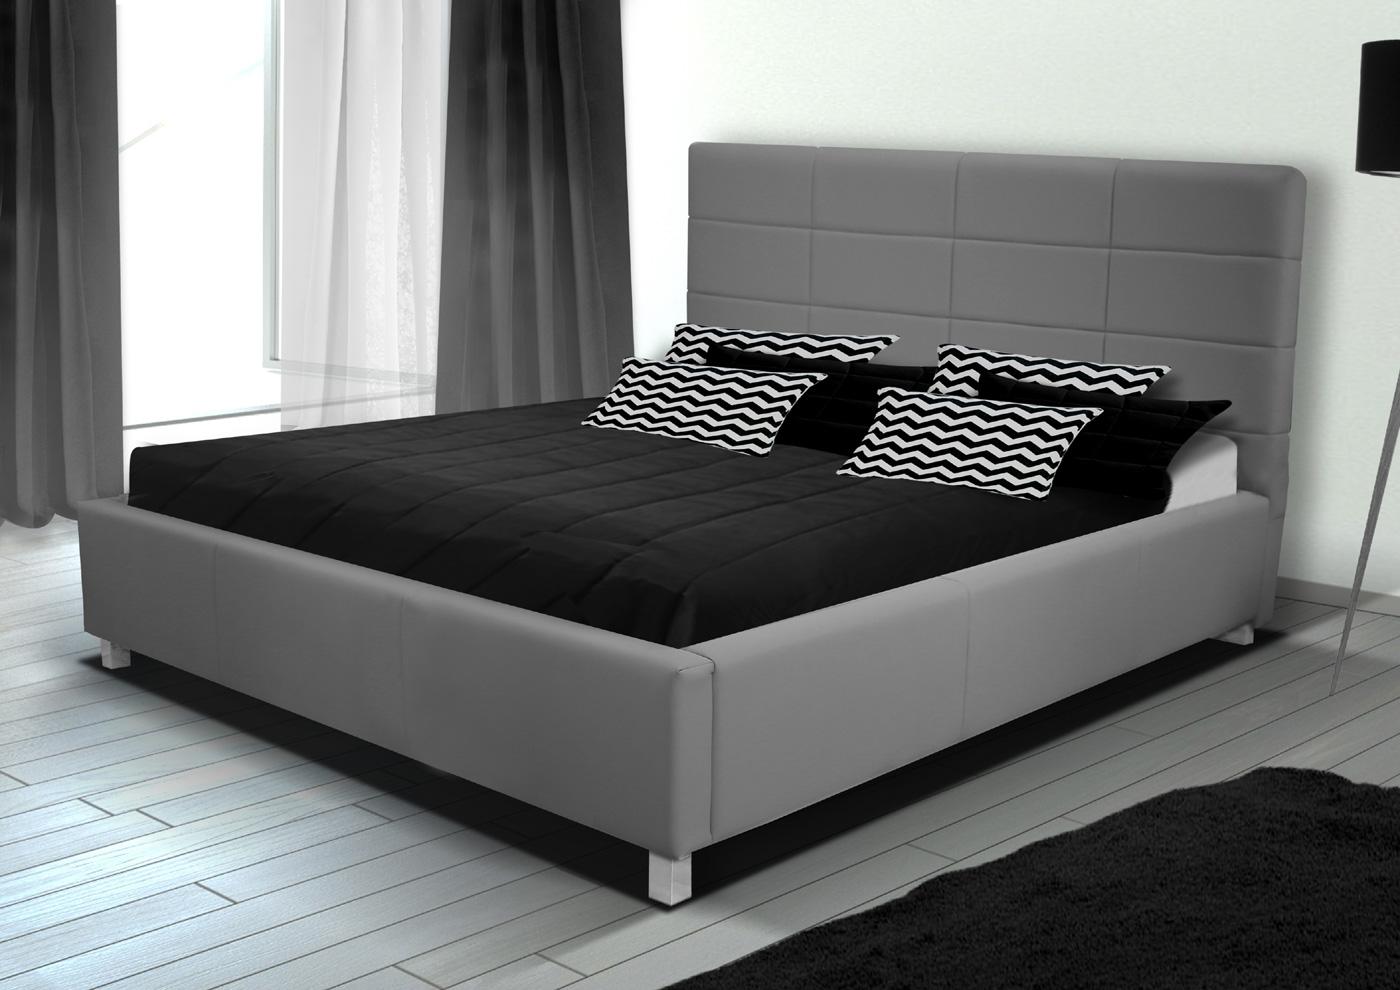 LUBICA IX manželská posteľ s úložným priestorom 180 x 200 cm